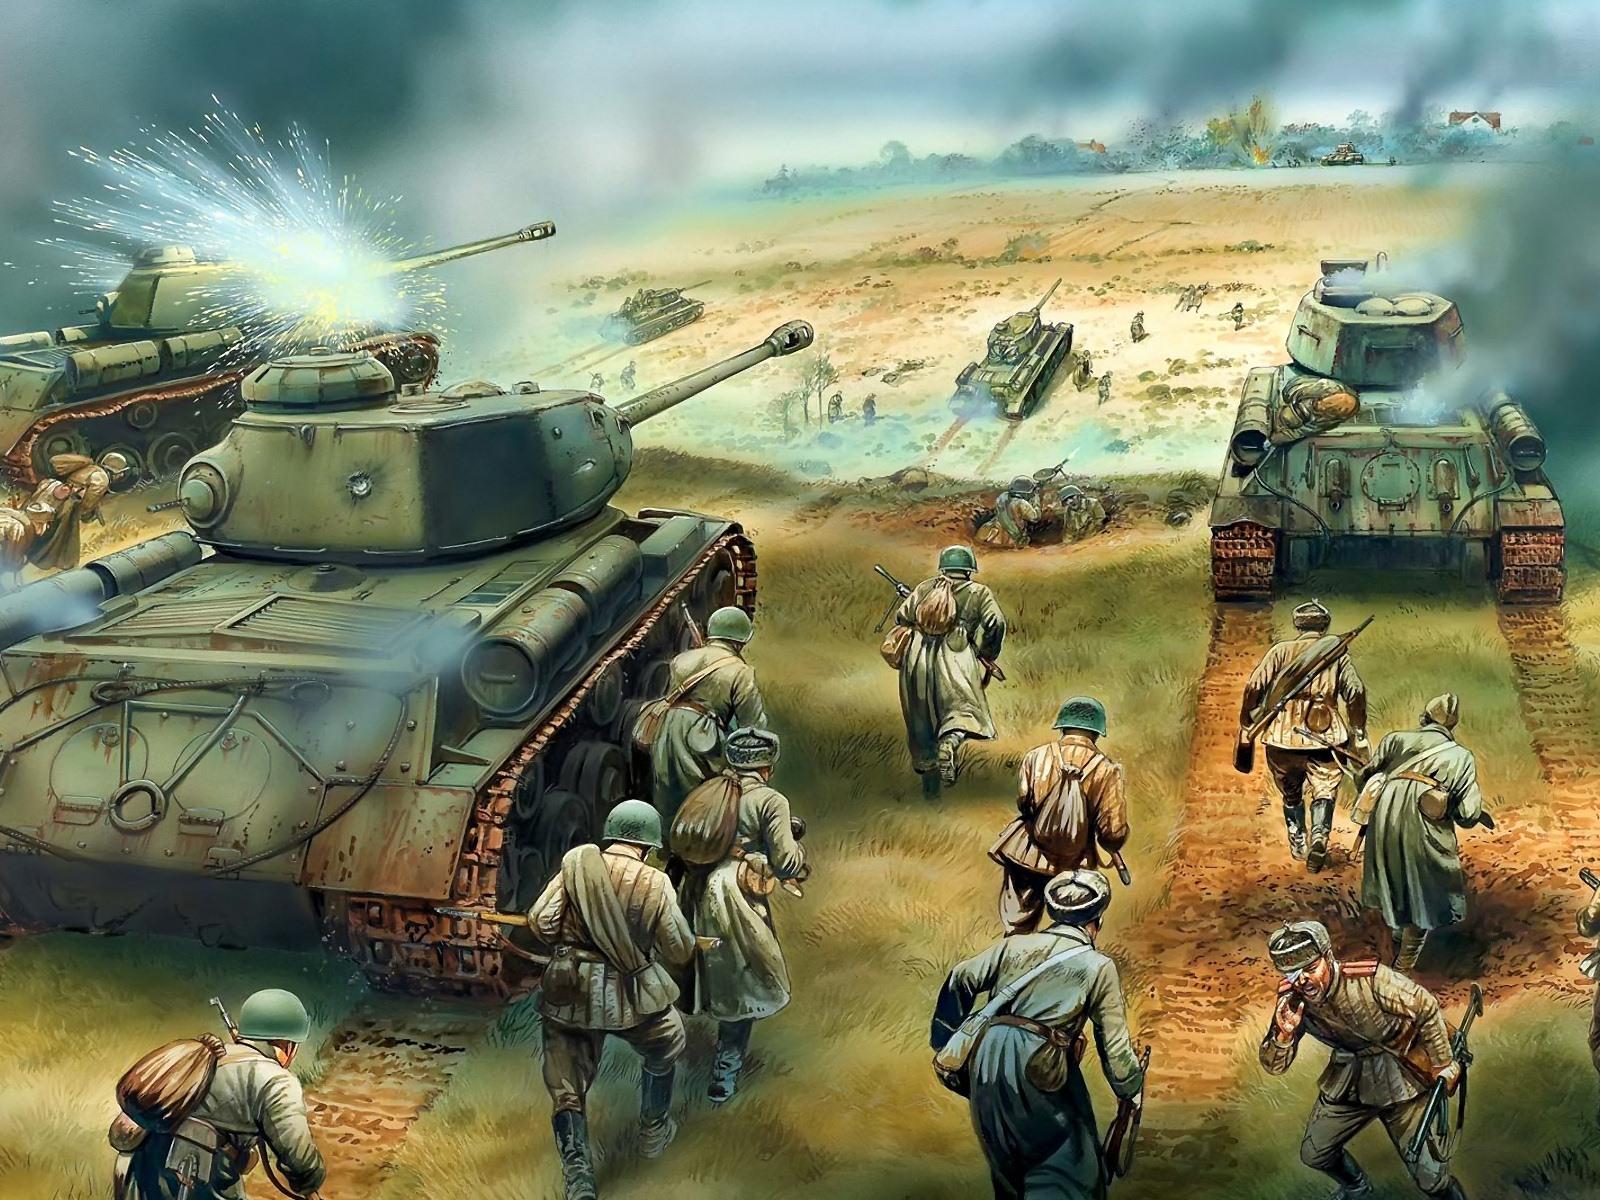 军事坦克装甲 高清绘画壁纸20 - 1600x1200 壁纸下载